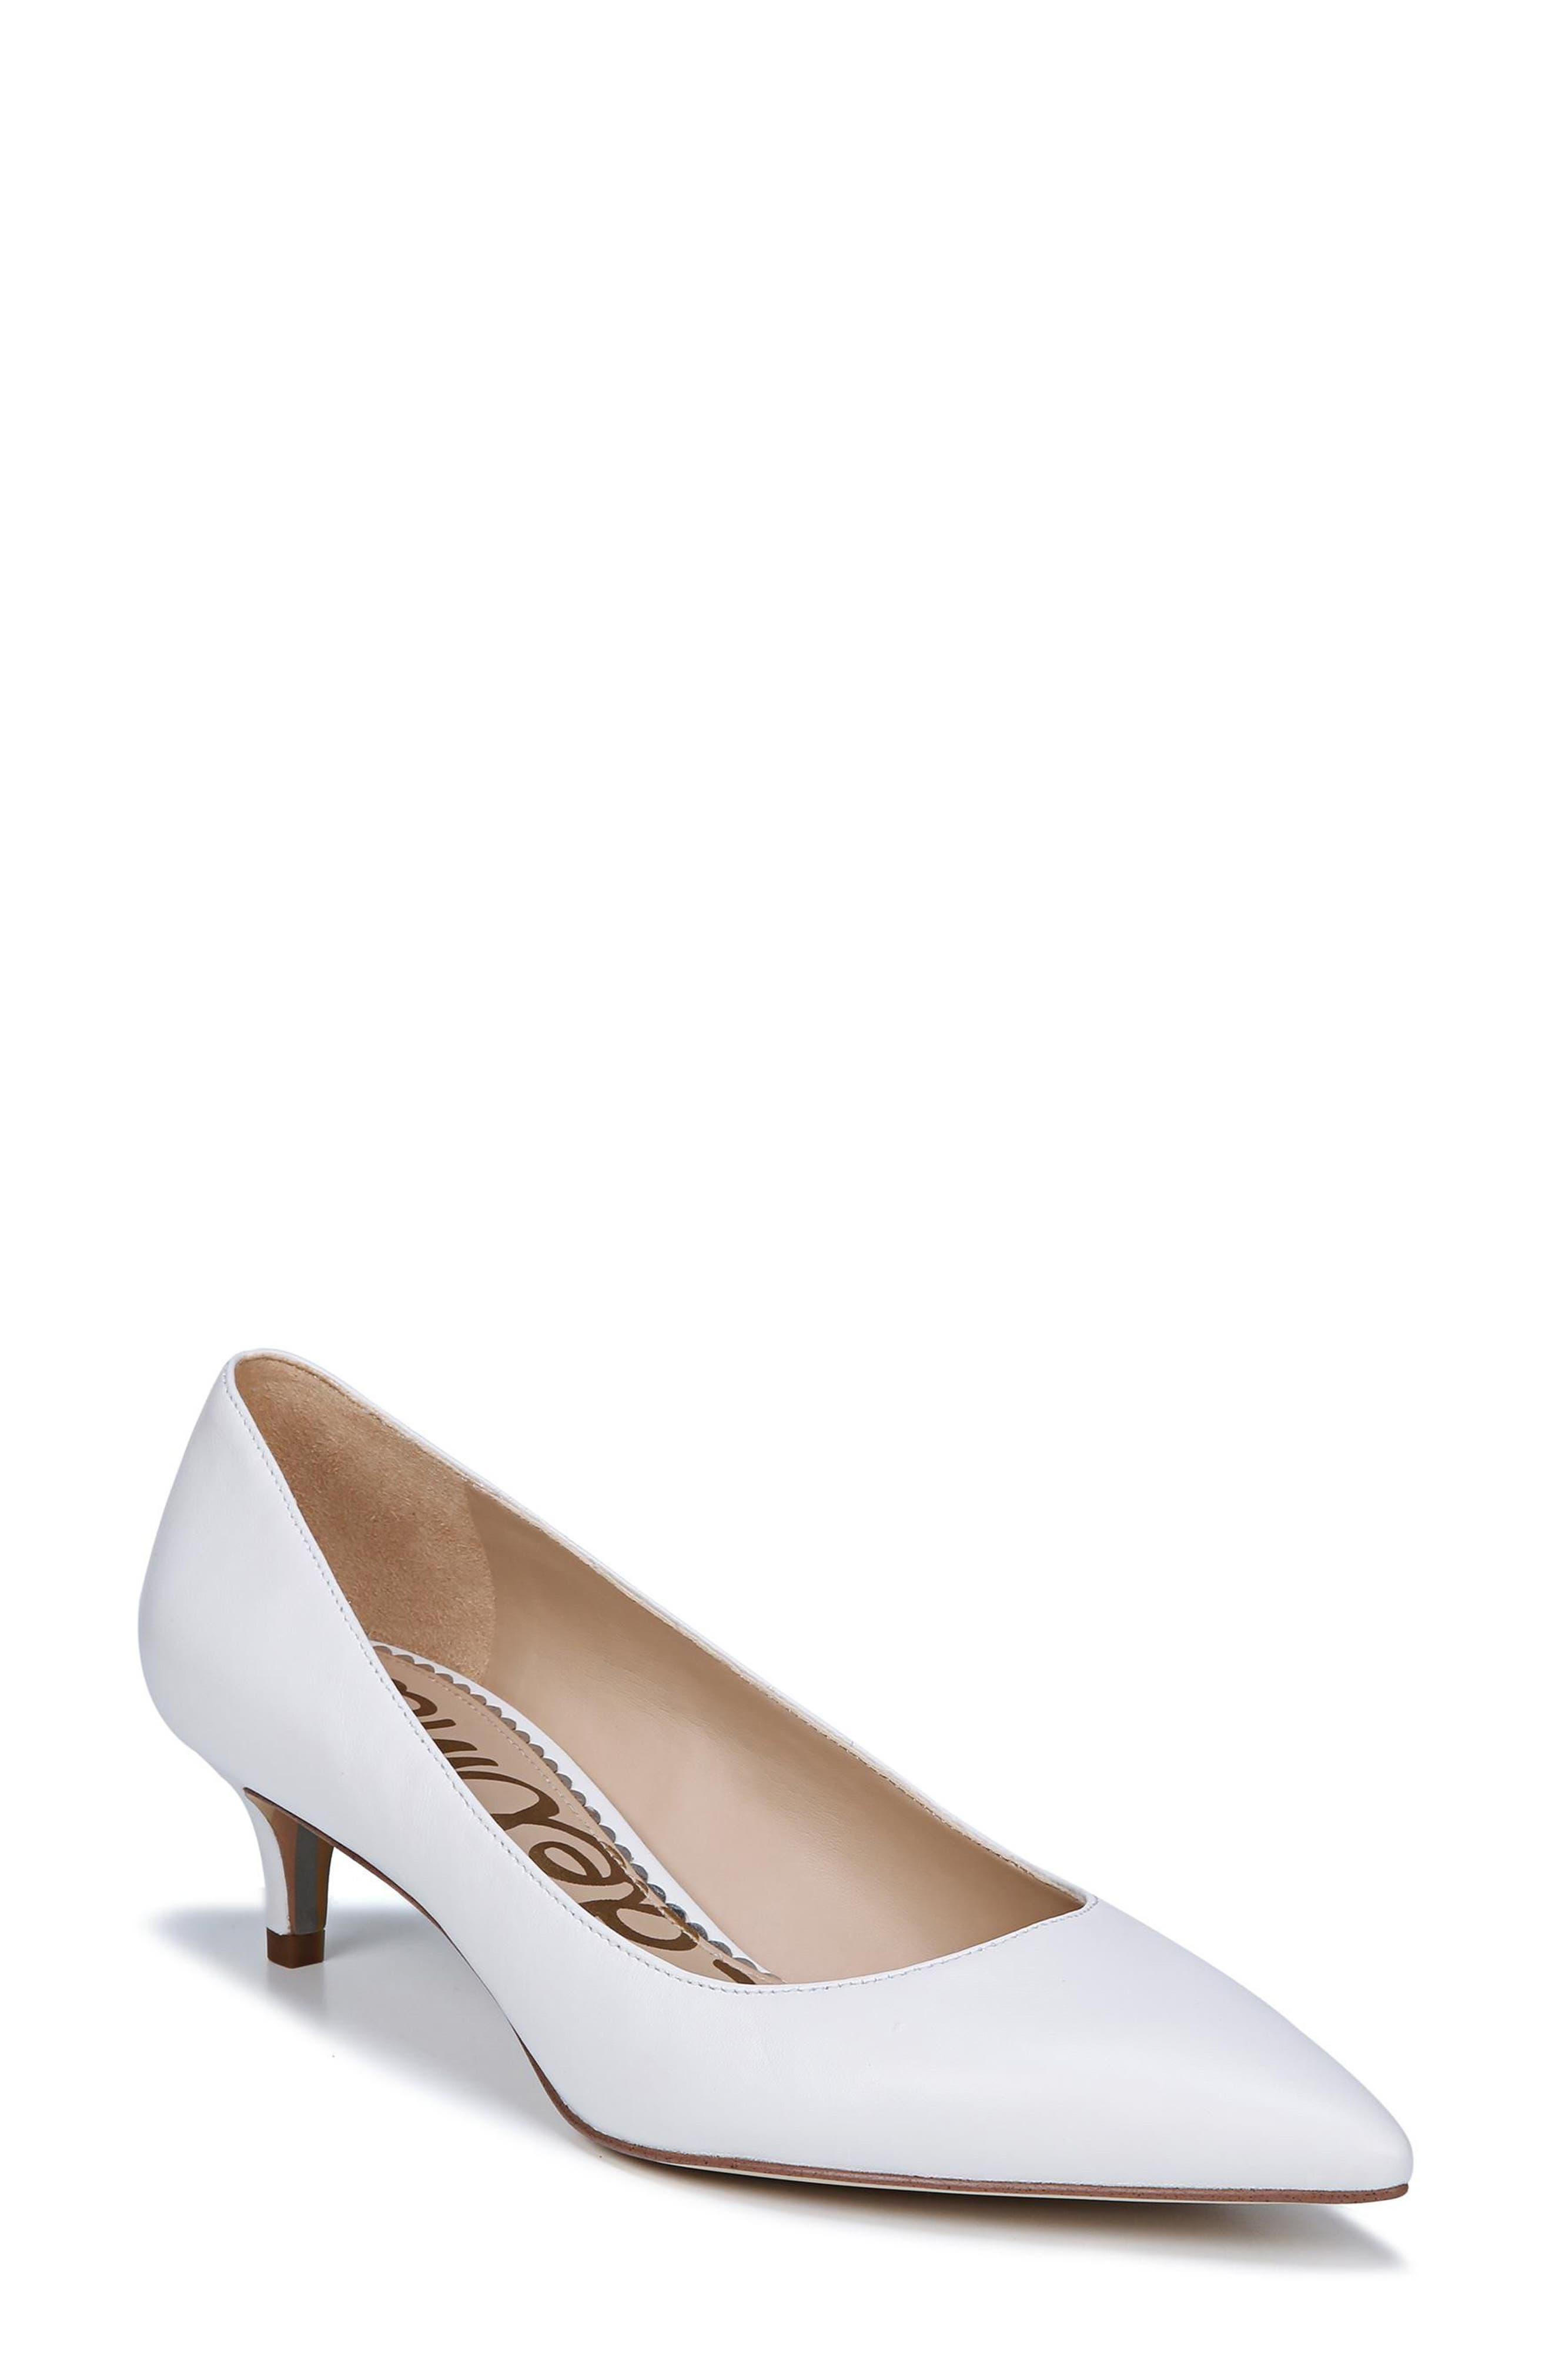 des pompes escarpins blancs, des pompes des et des chaussures à talons hauts pour femmes | nordstrom a8f7c2